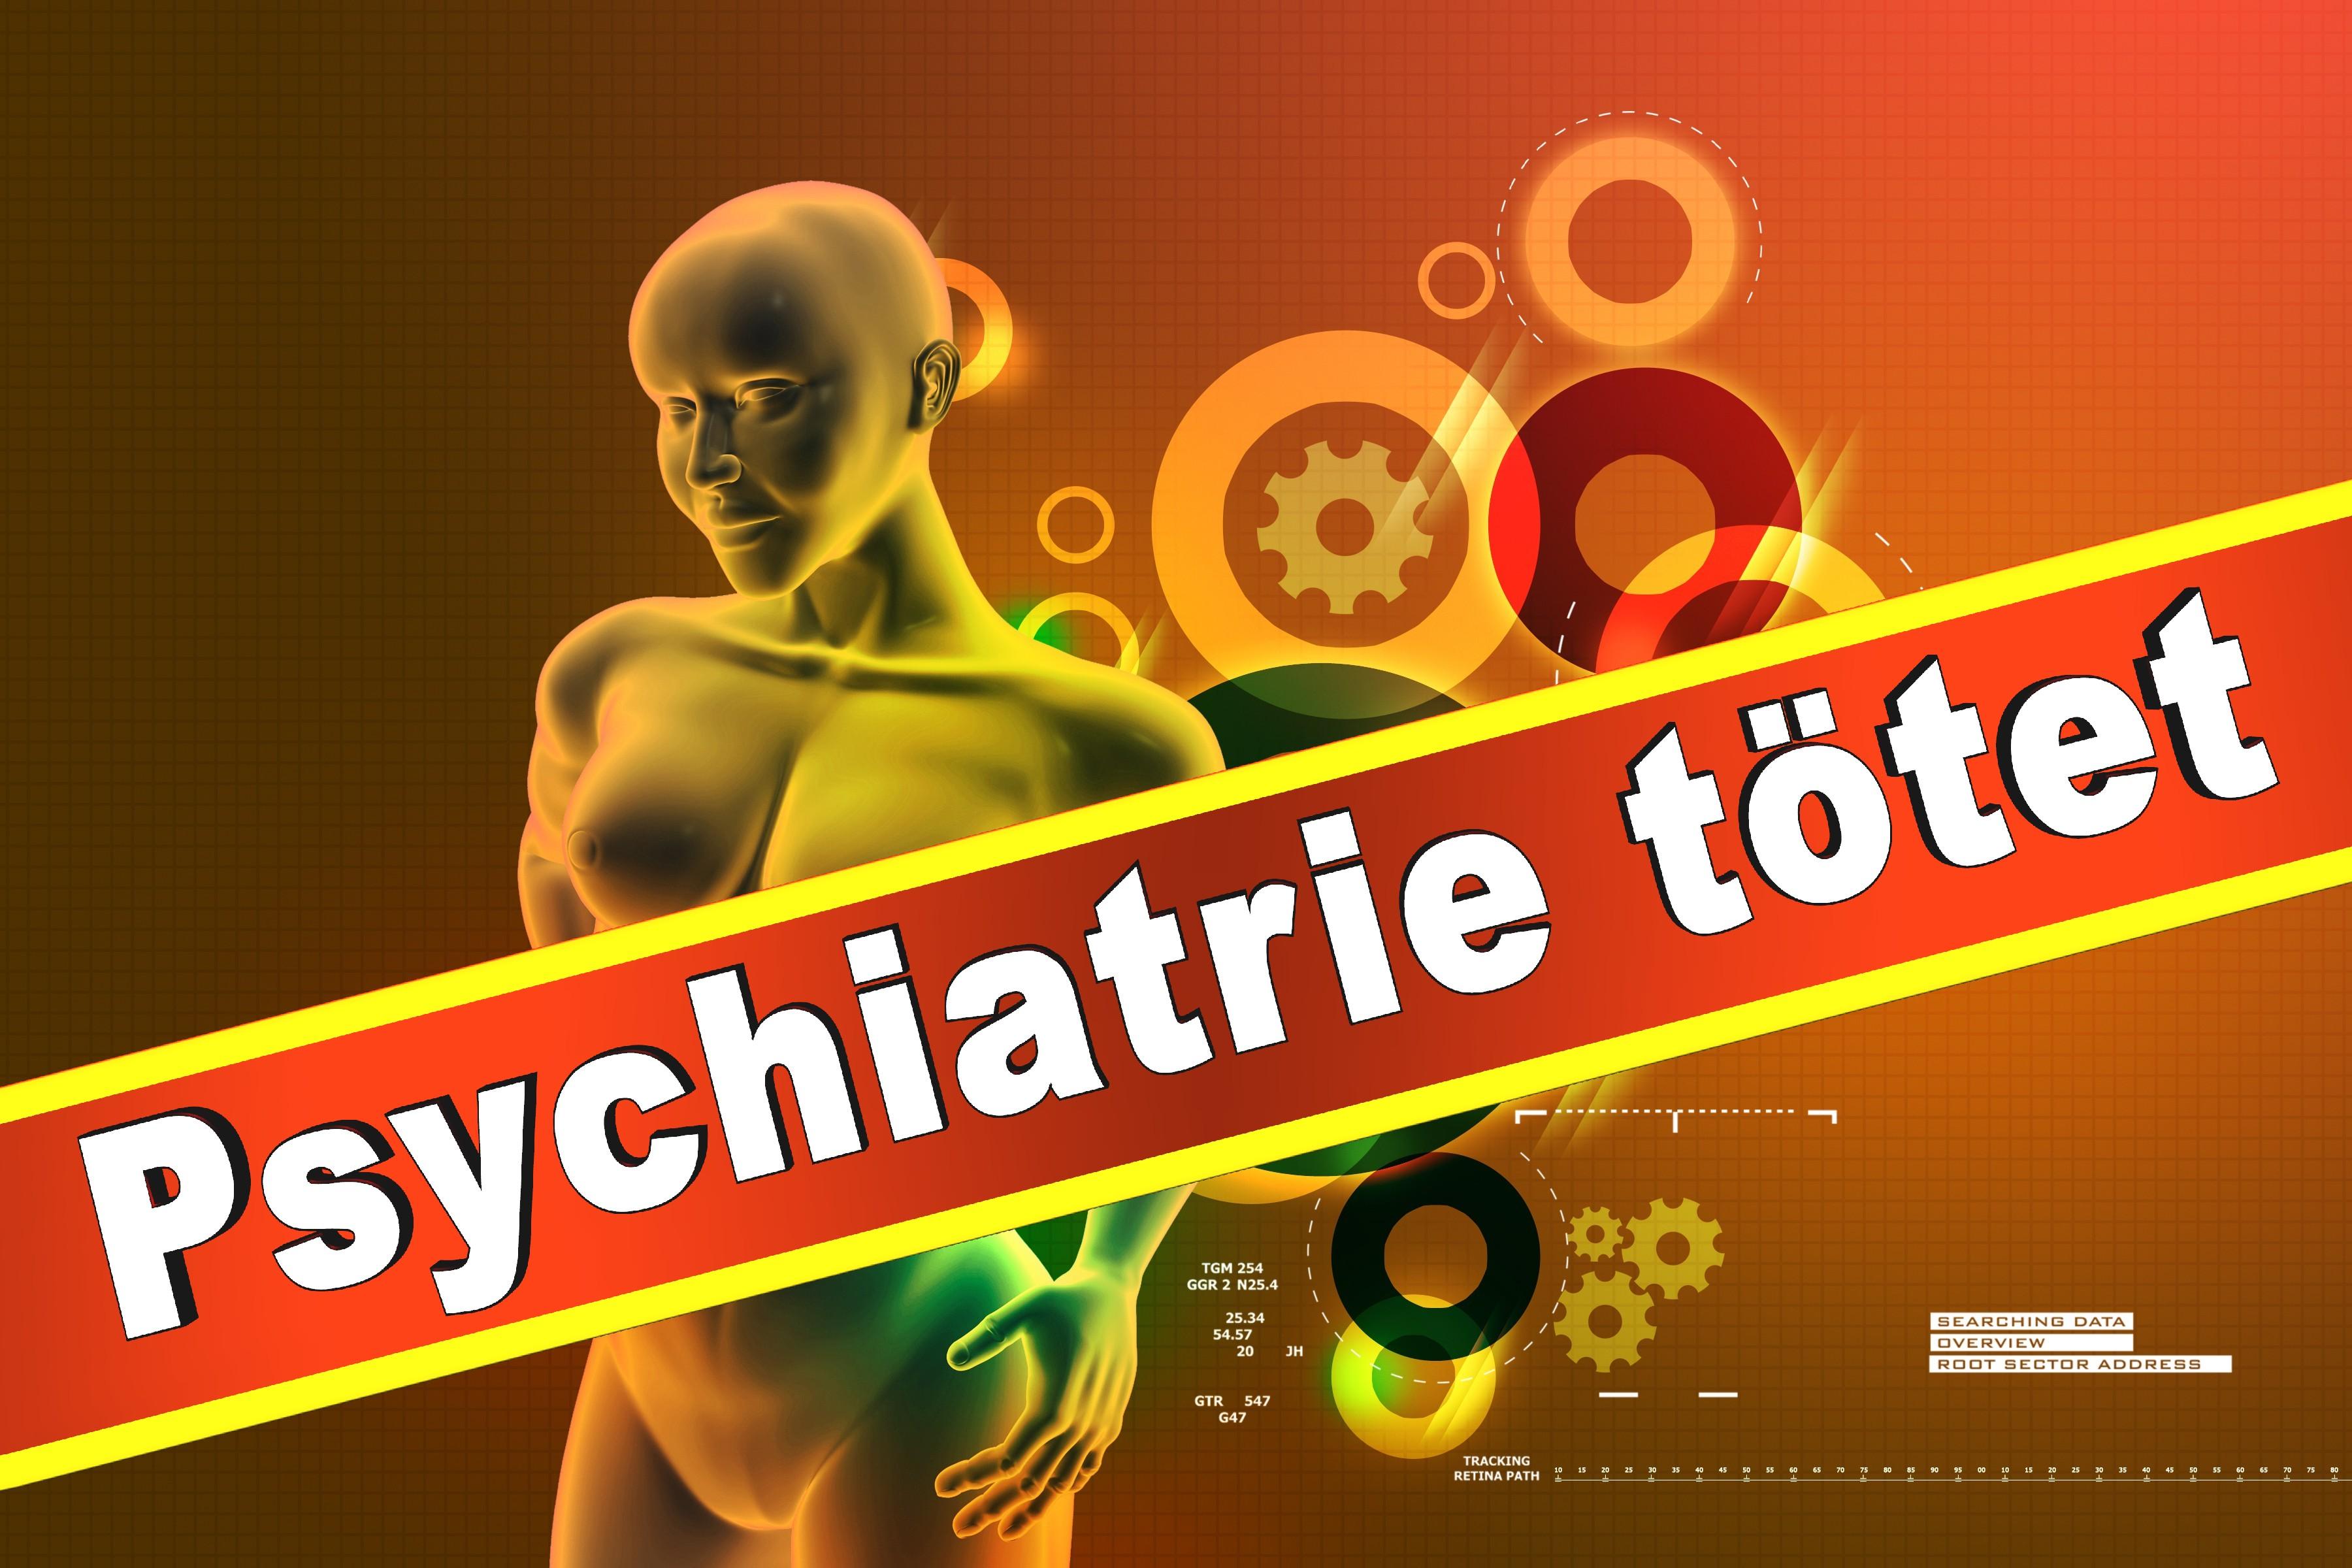 Carl Ernst Von Schönfeld Tagesklinik Psychiatrie Tod Bethel Psychiater Korruption Gift Zwangspsychiatrie Unterbringung (6)